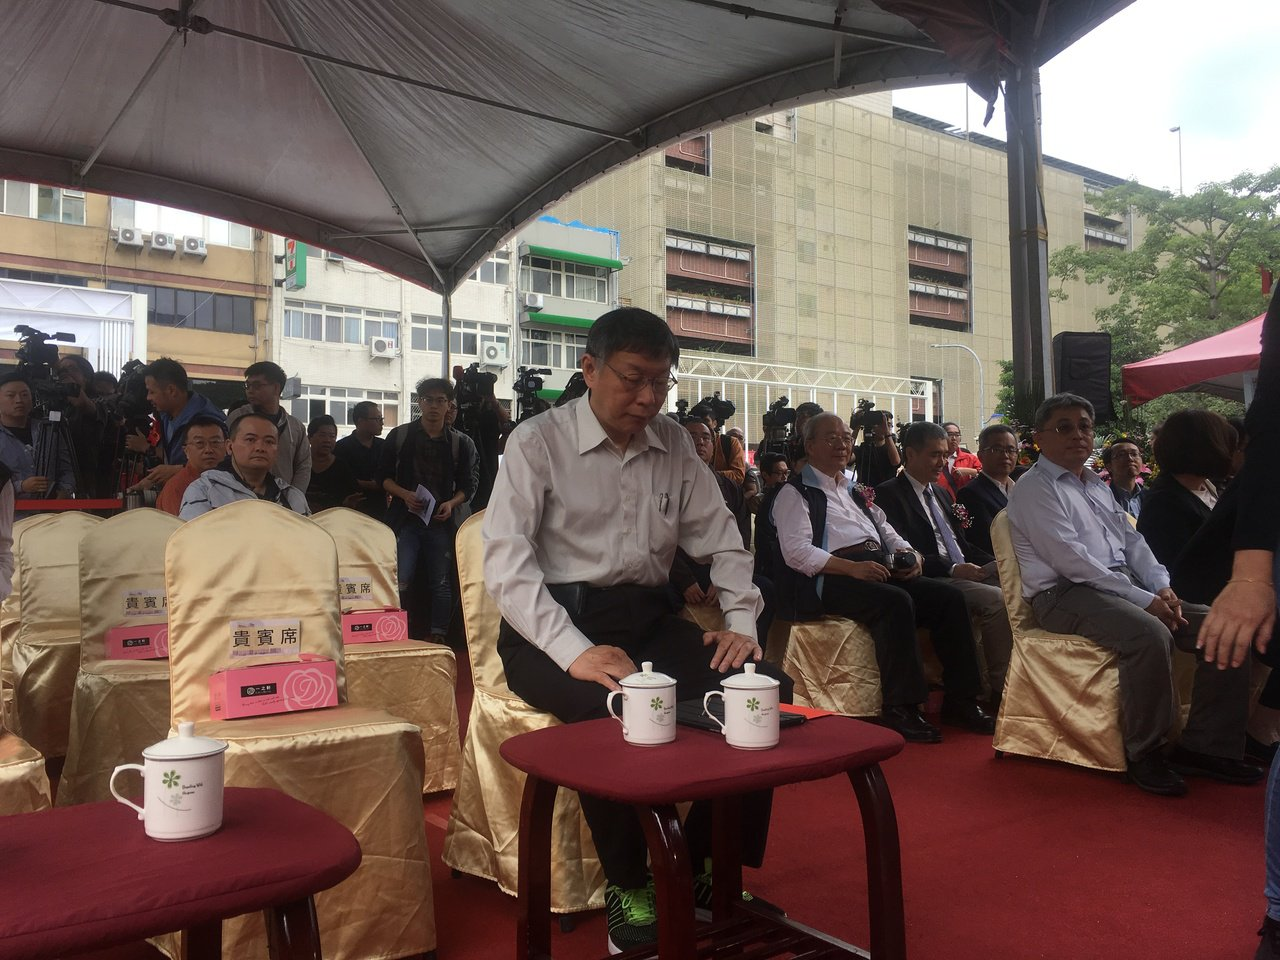 台北市長柯文哲今天上午出席「福星社會住宅新建工程開工典禮」。記者張世杰/攝影